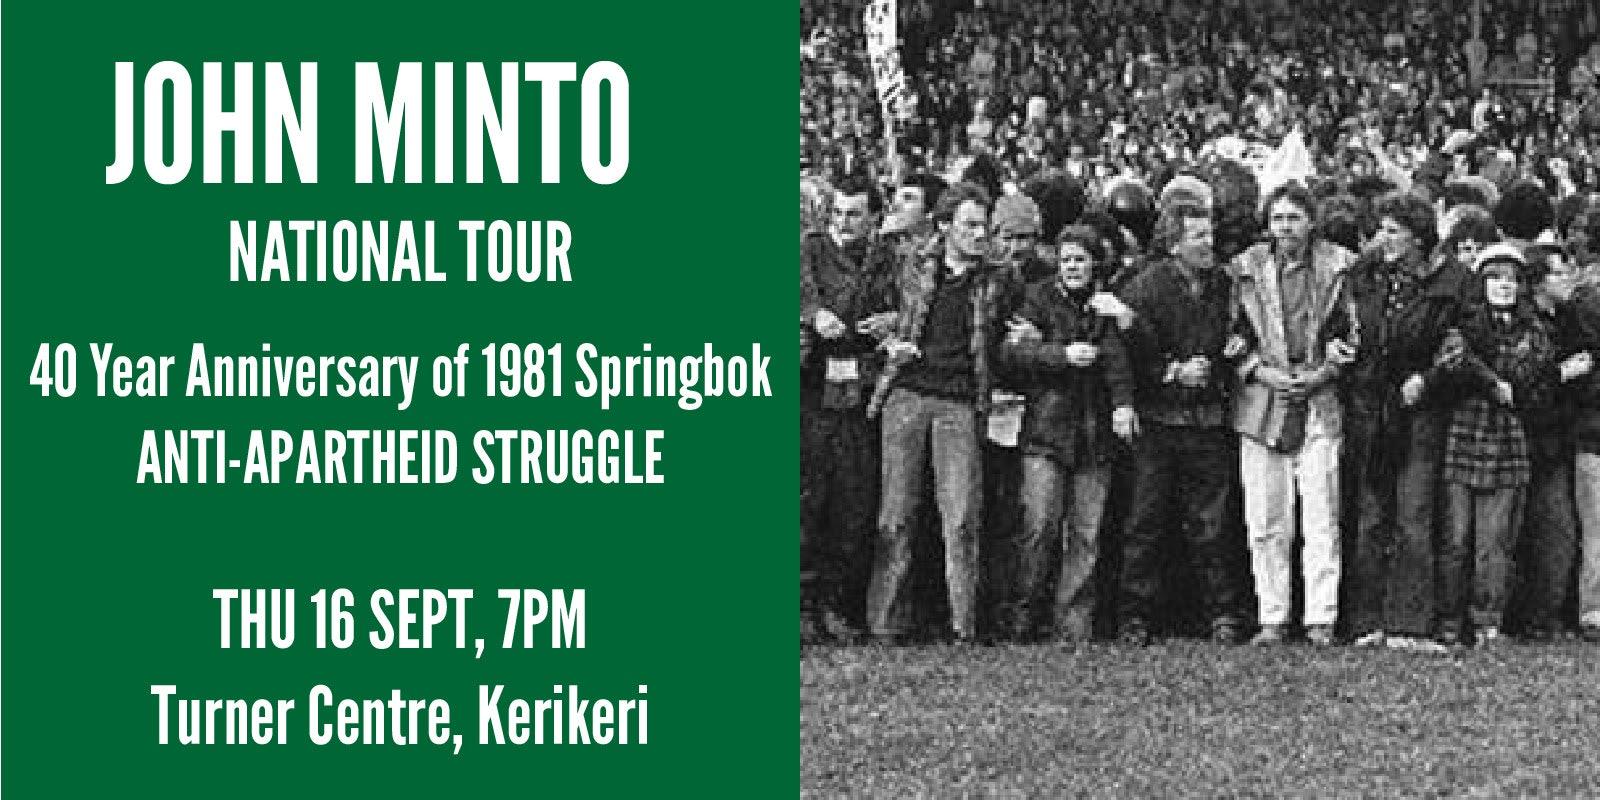 John Minto National Tour